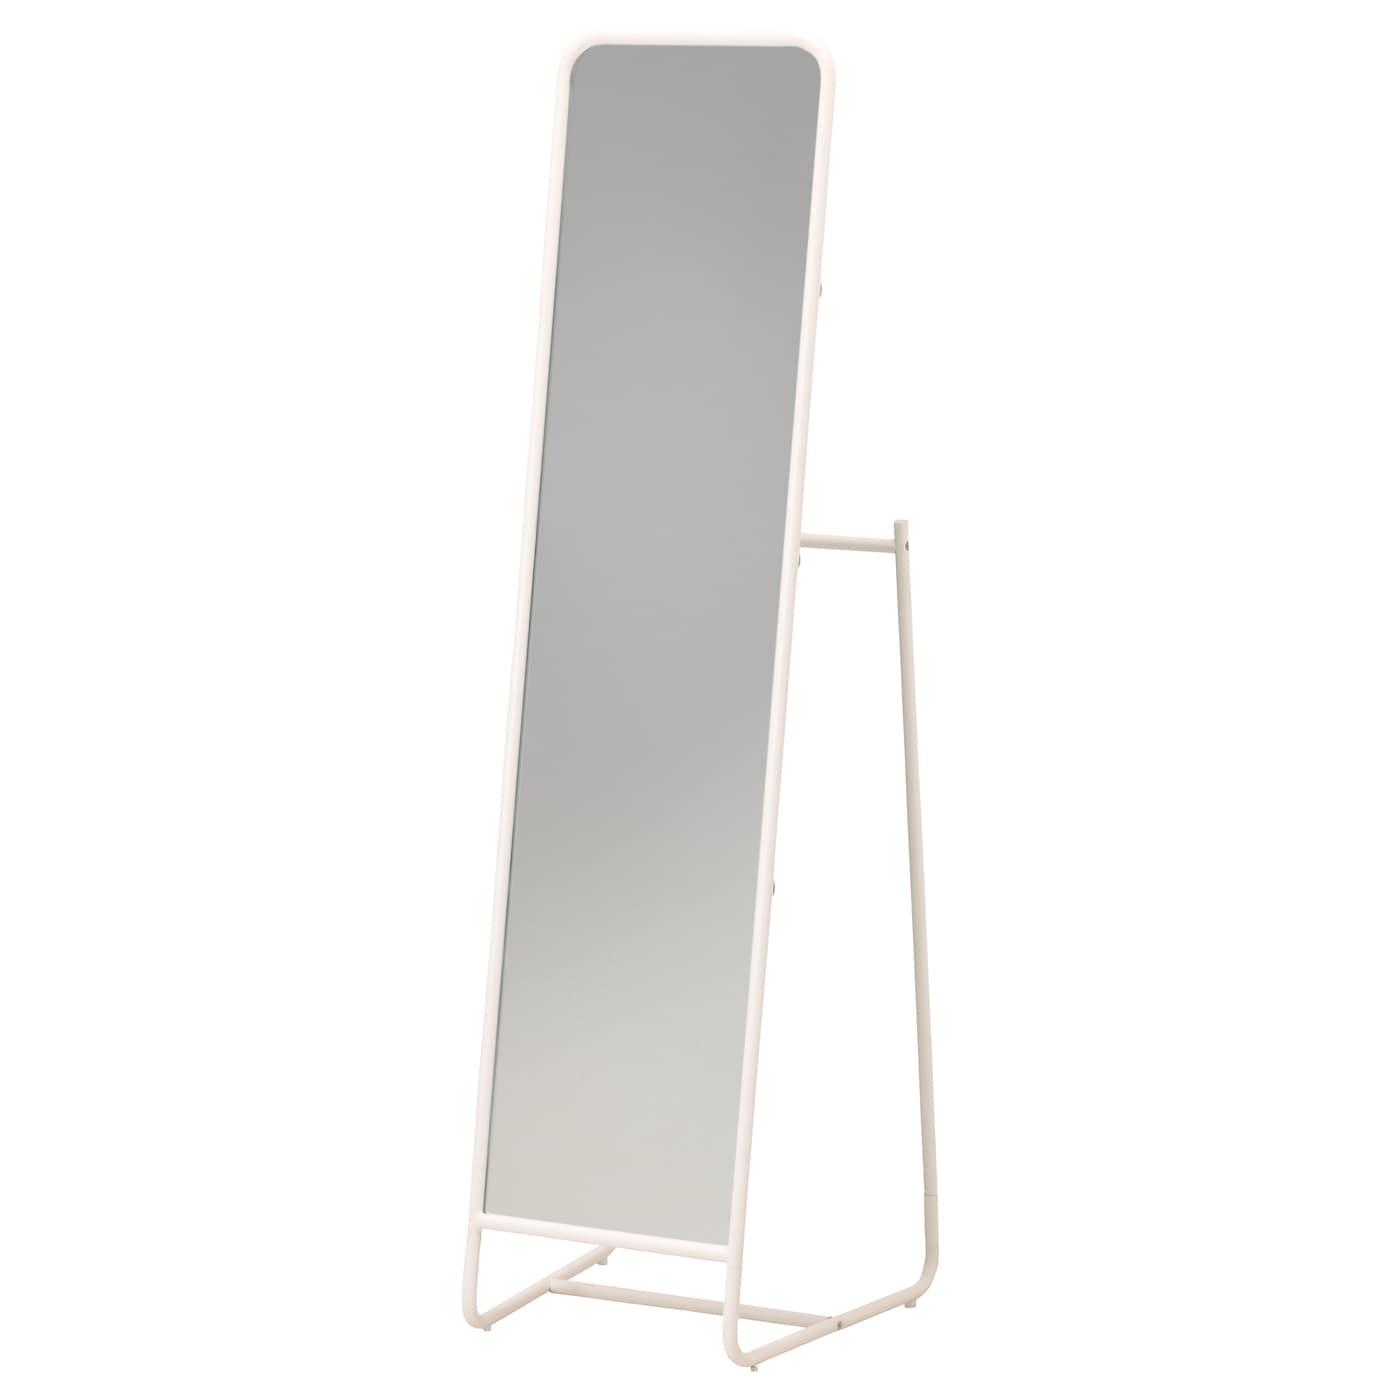 Knapper standing mirror white 48 x 160 cm ikea for Specchio da tavolo ikea